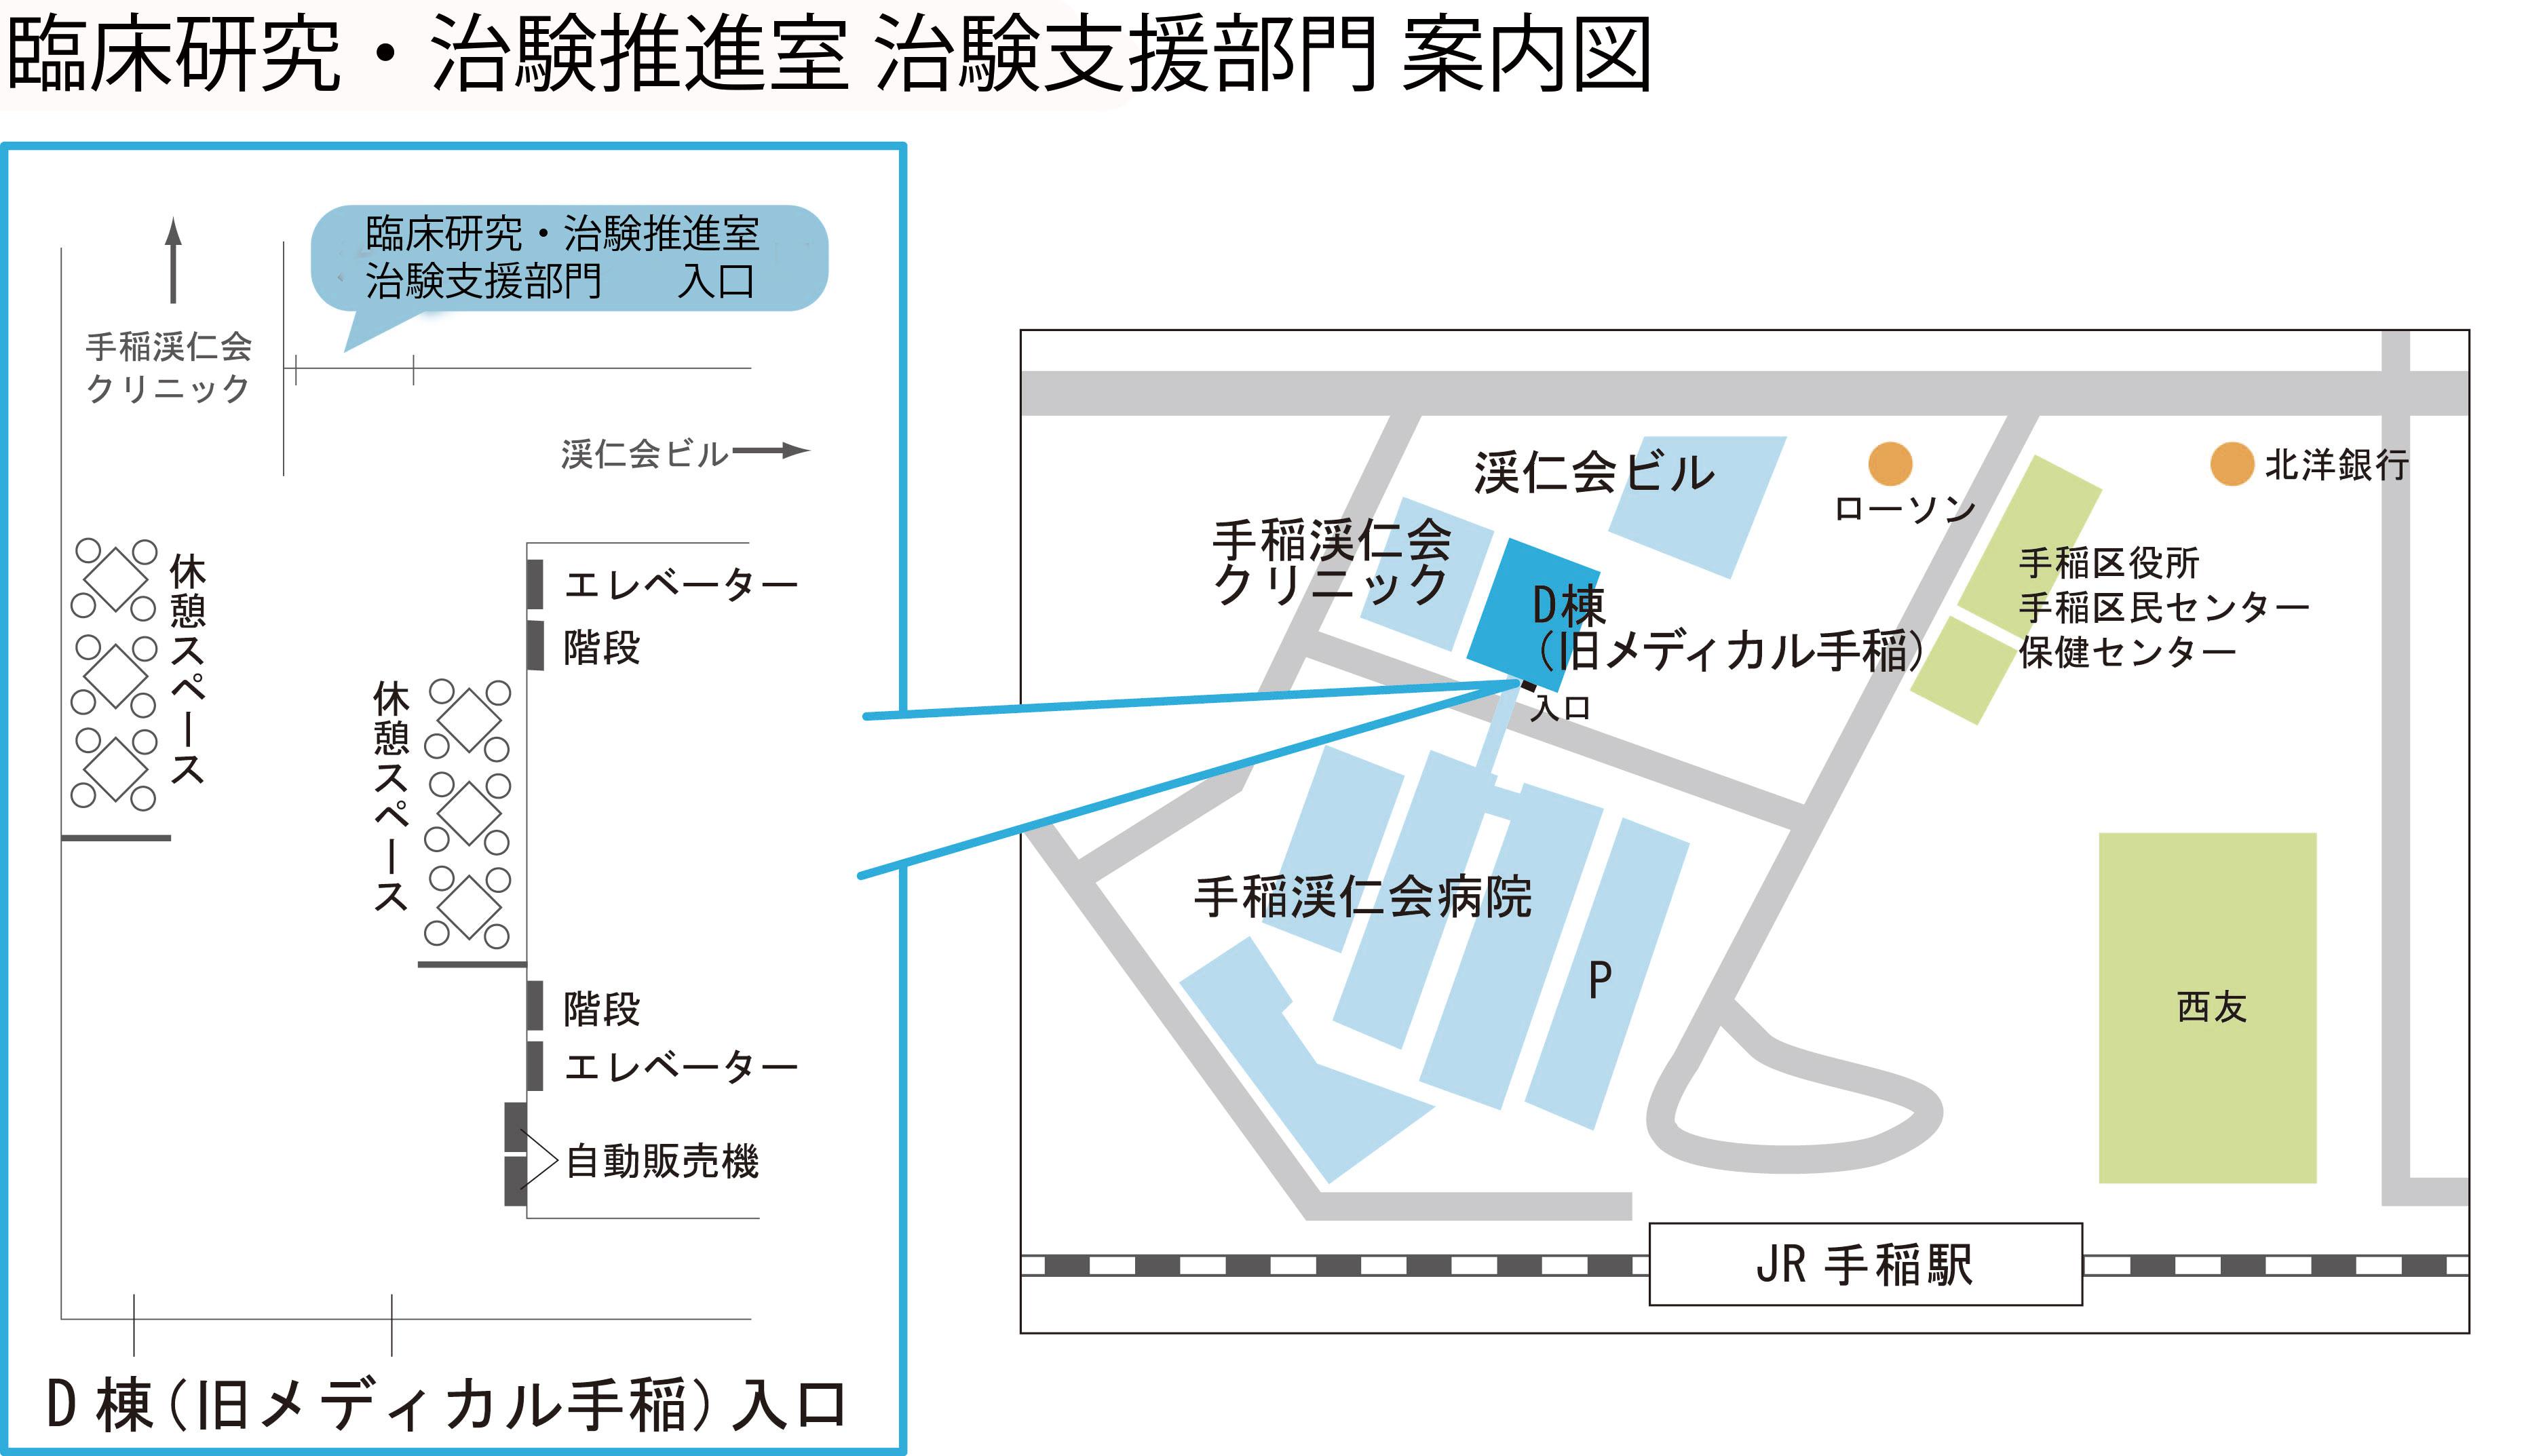 臨床研究・治験推進室 治験支援部門MAP 画像